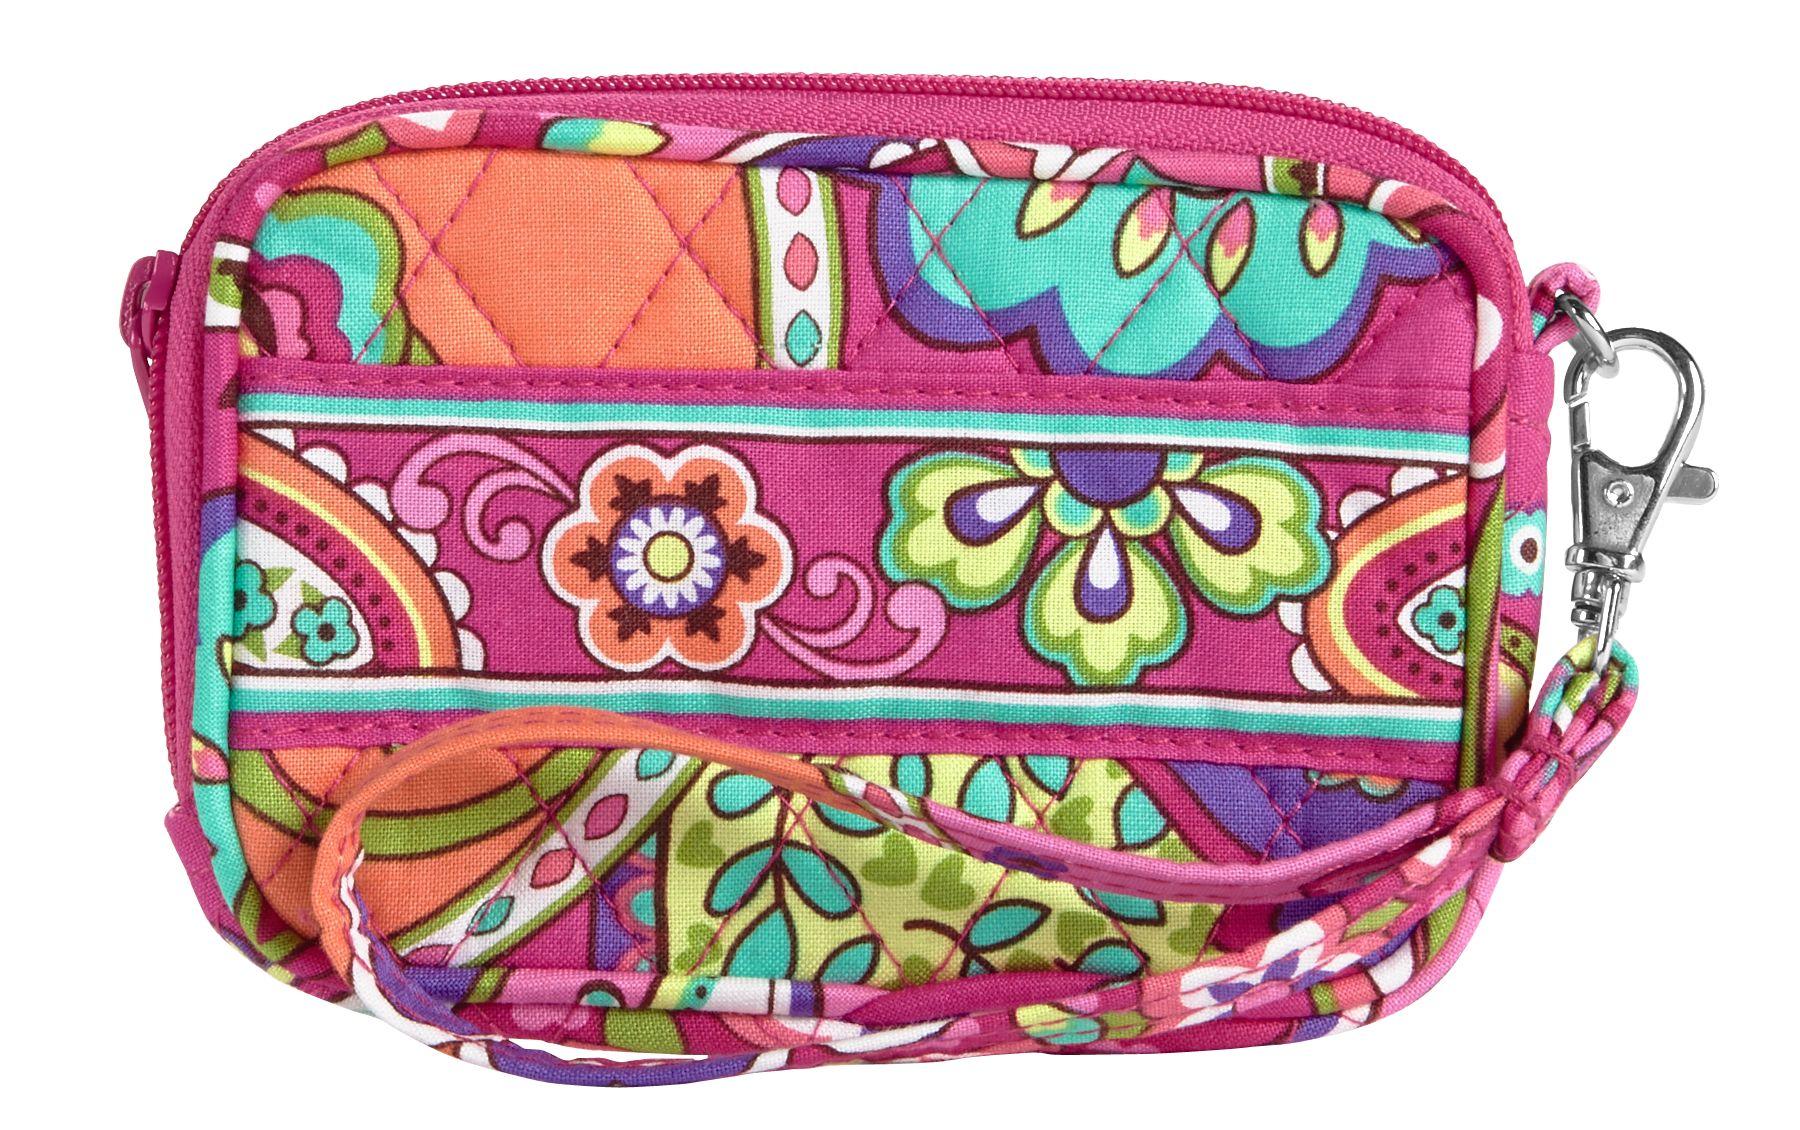 Vera Bradley Tech Case in Pink Swirls